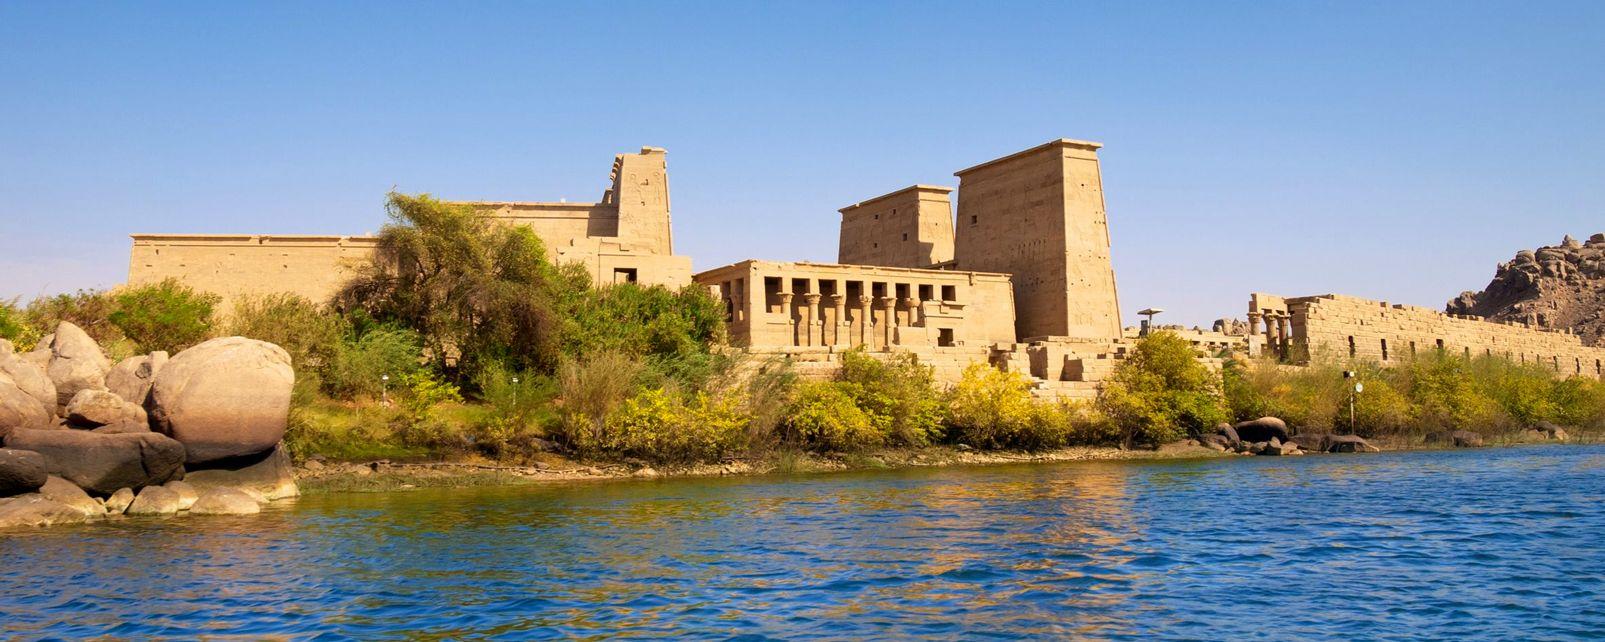 Il Tempio di Iside, I templi del lago Nasser, I siti, Egitto